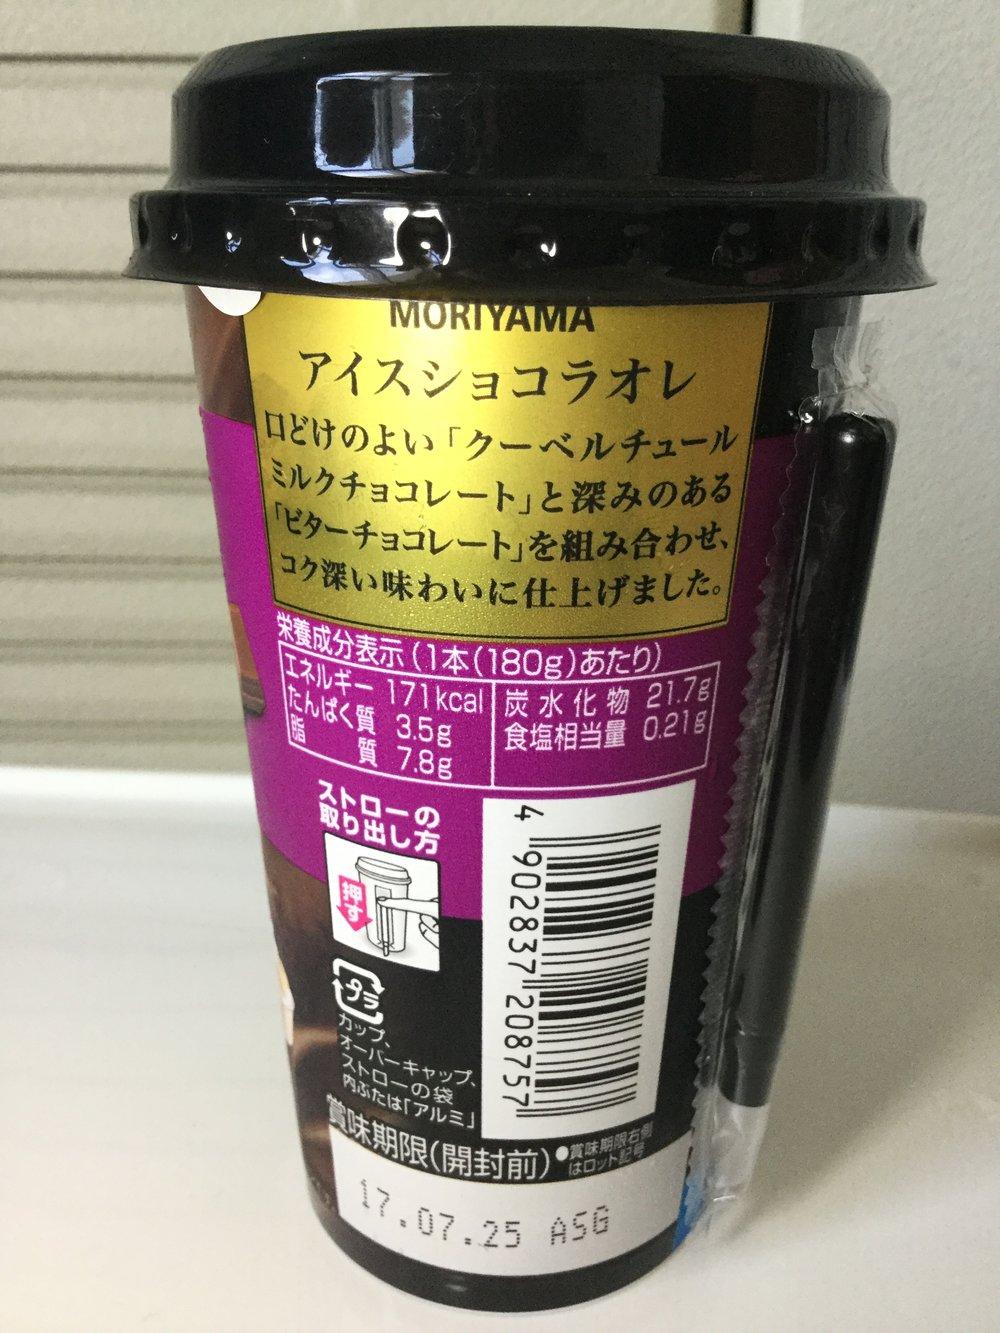 Moriyama Ice Chocolat Au Lait Side 1